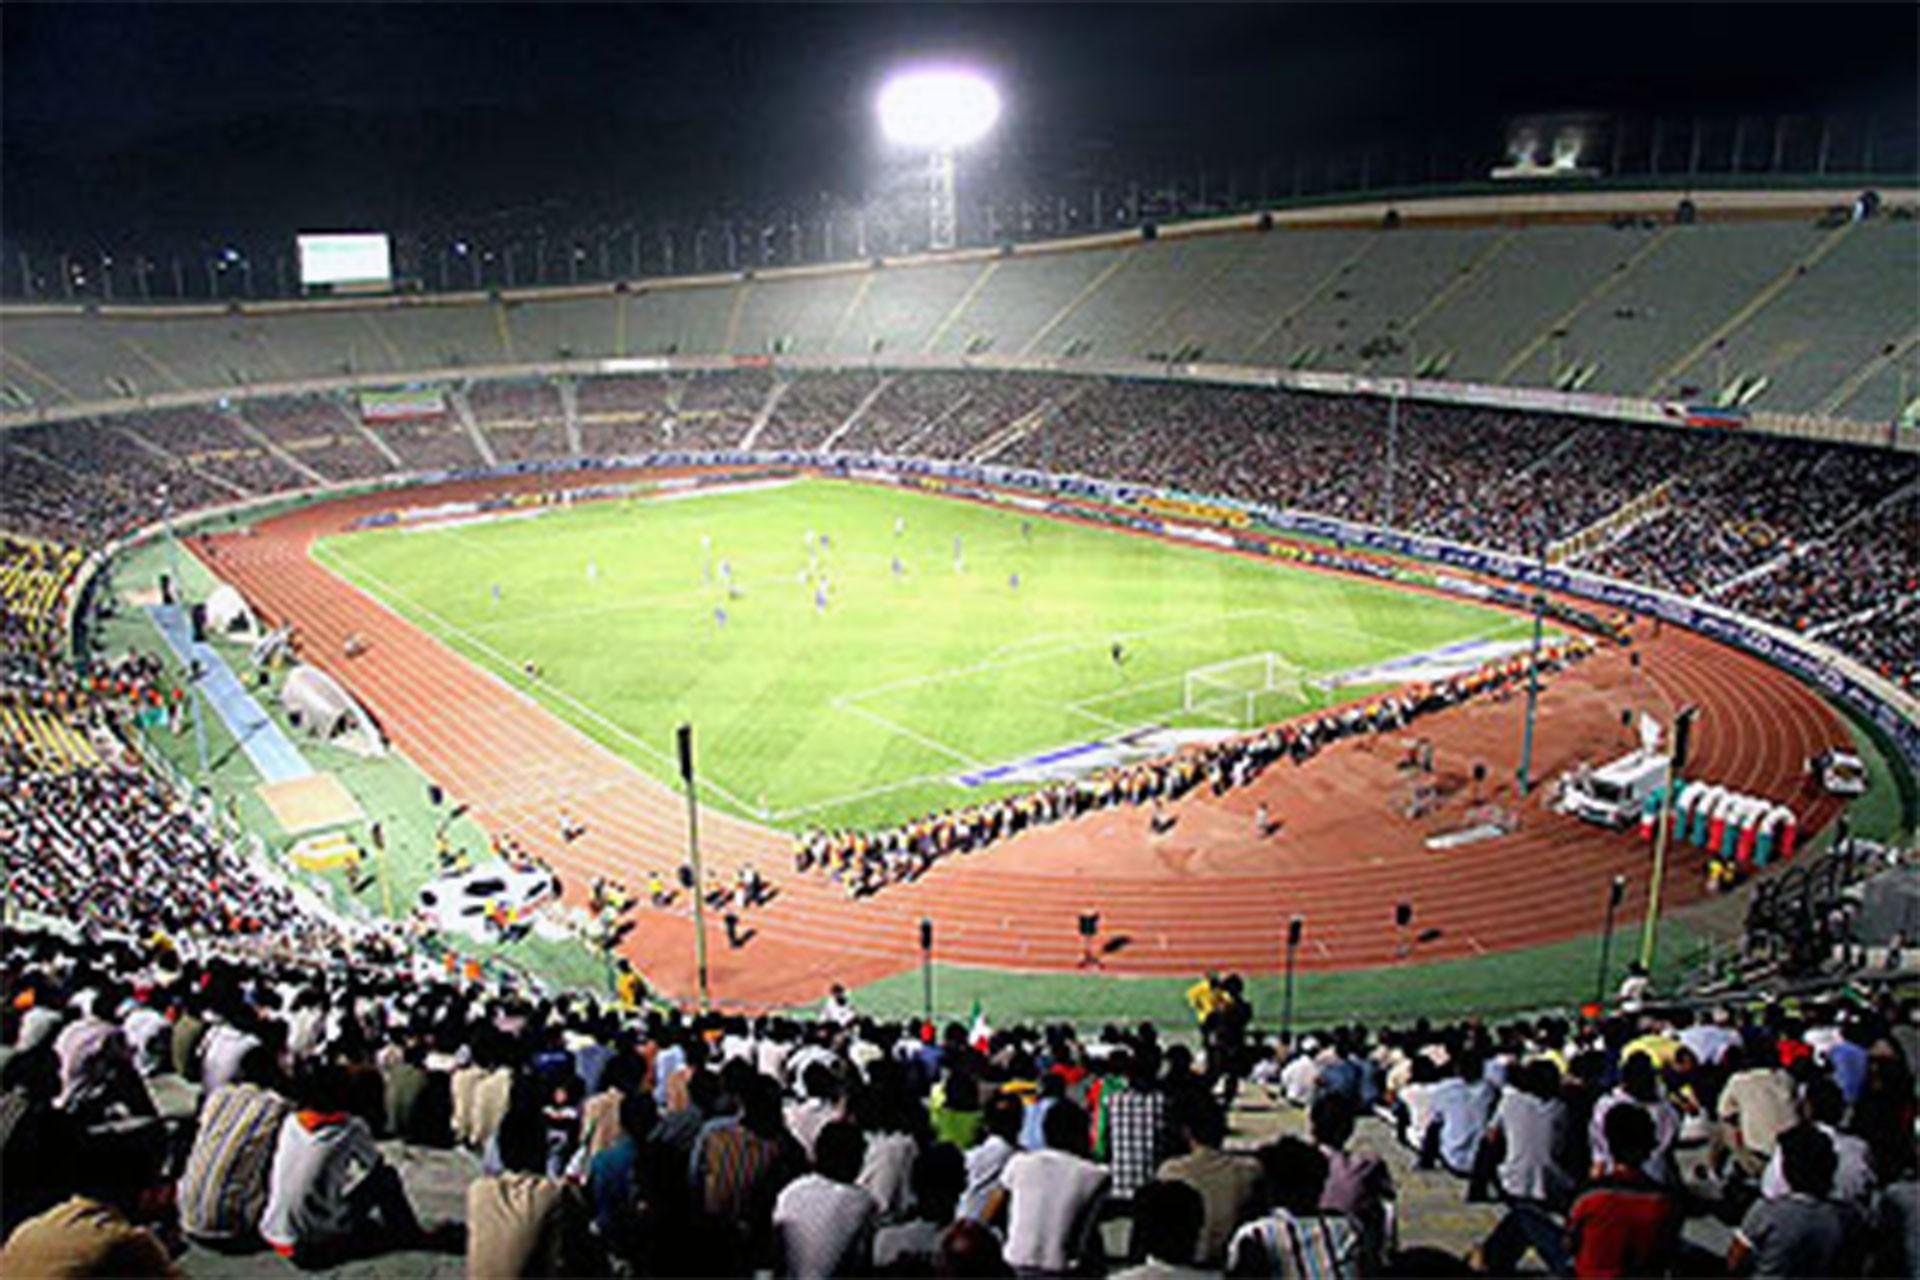 İran'da kadınların stadyumda maç izlemesi yine yasaklandı